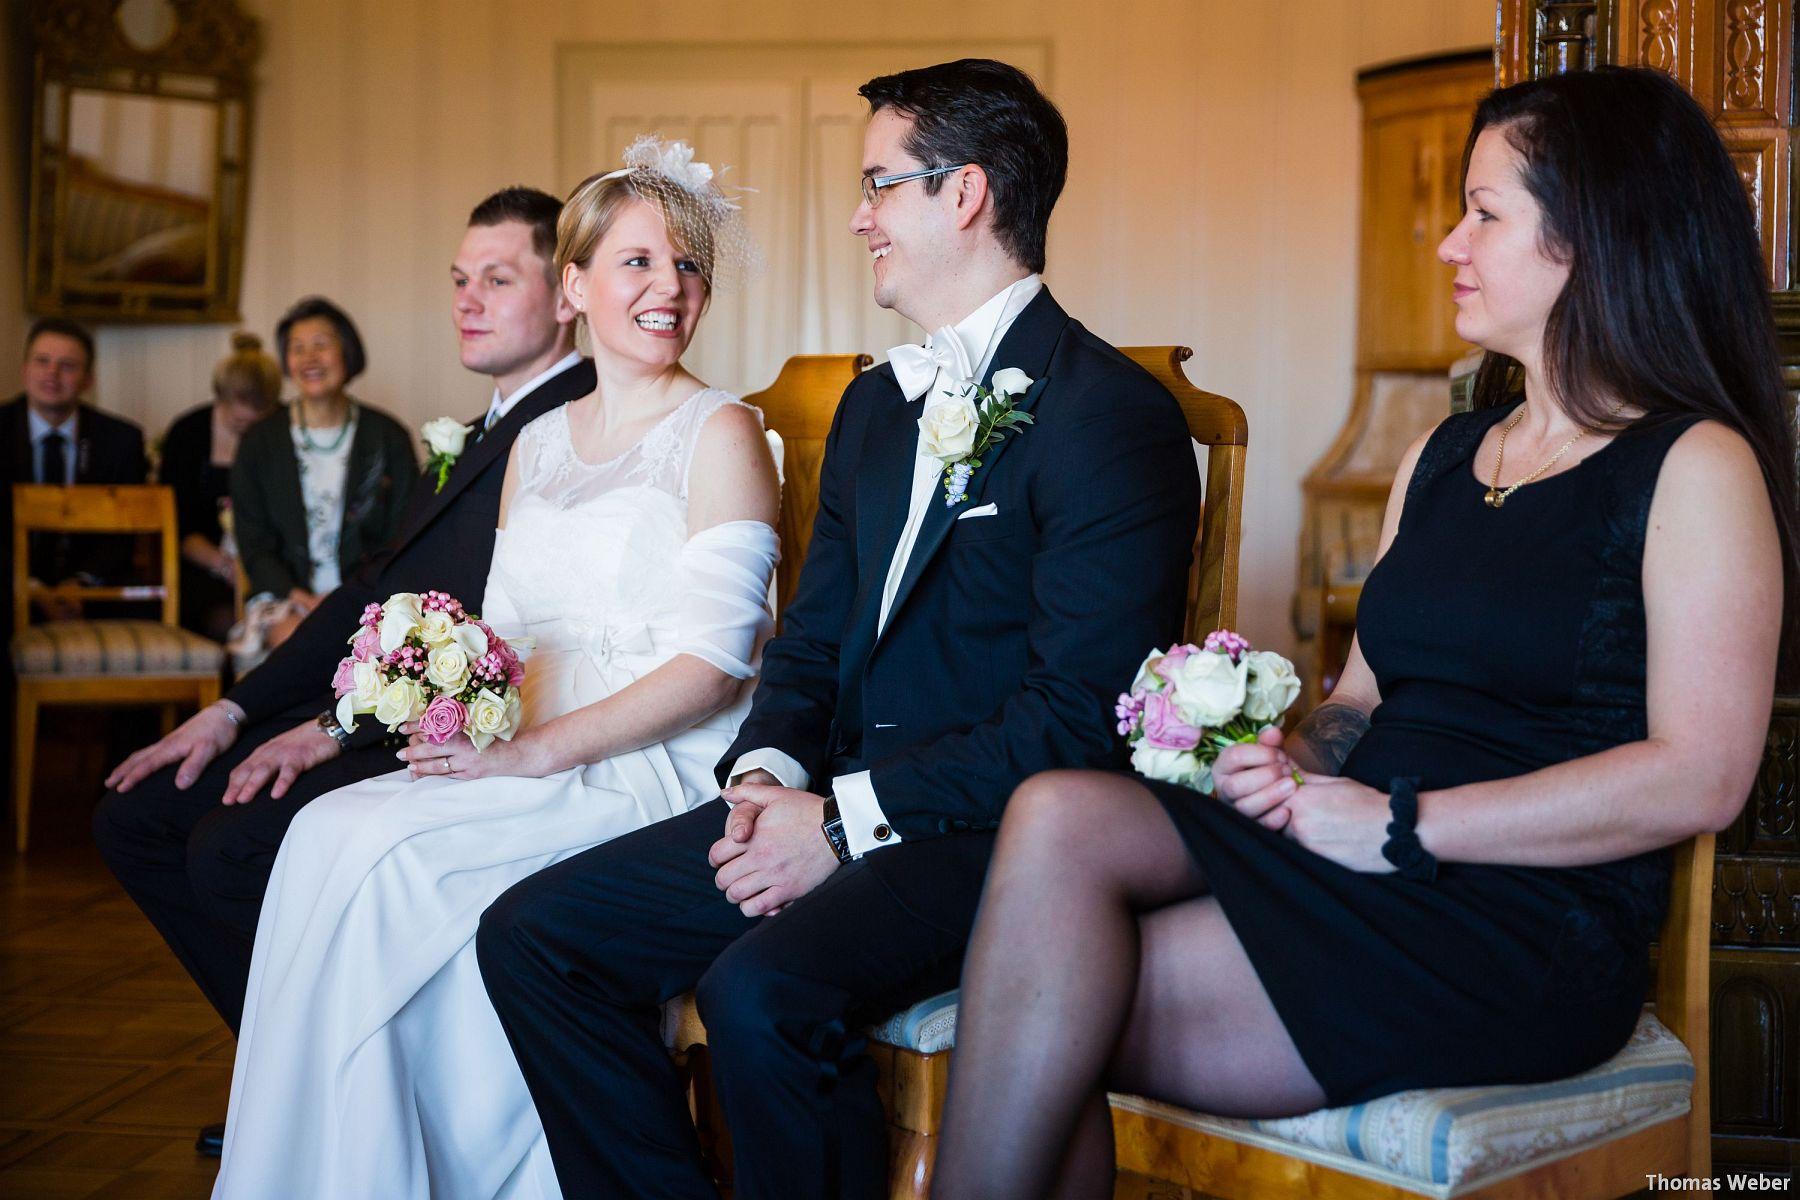 Hochzeitsfotograf Goslar: Standesamtliche Trauung in der Kaiserpfalz in Goslar (Harz) (20)